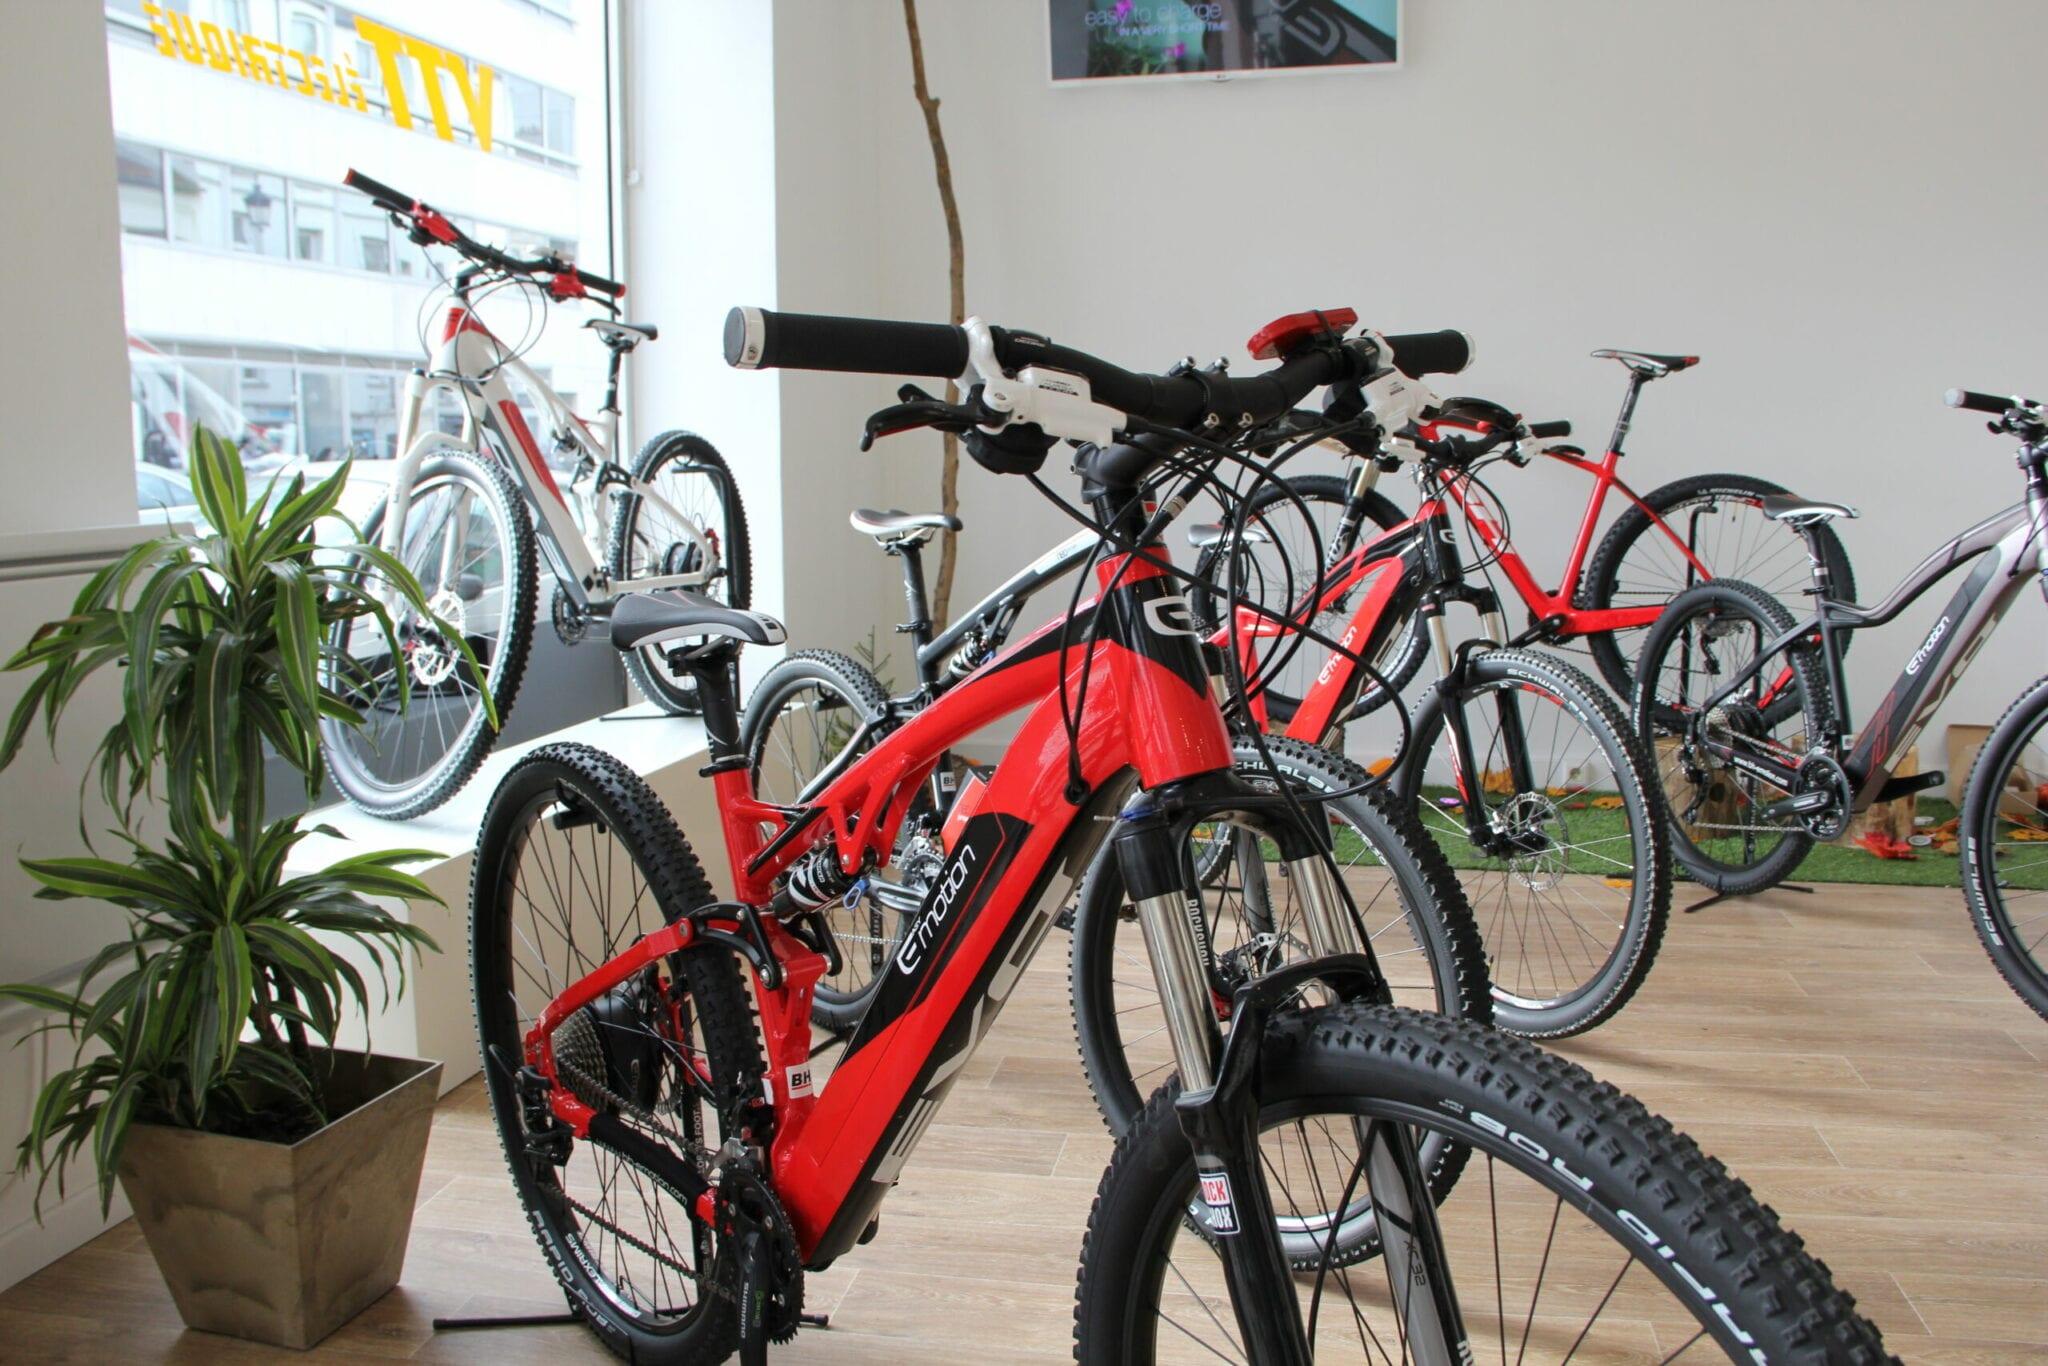 France : Tous les vélos neufs seront identifiés à compter du 1er janvier